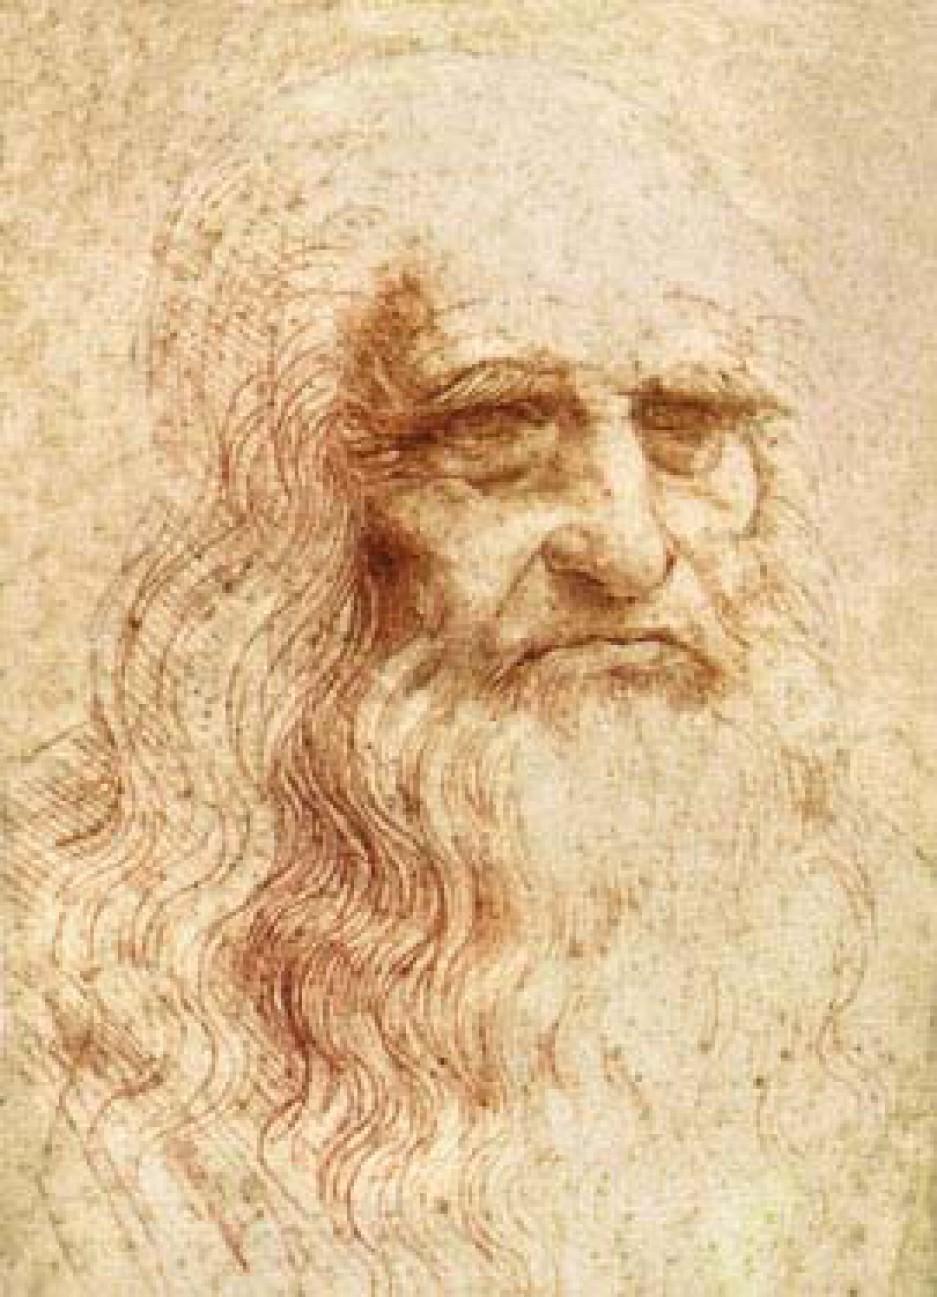 Autoportrait de Léonard, dessin à la sanguine sur papier, 1515-1519, 33,3x21,4cm, Bibliothèque royale de Turin, Turin, Italie.